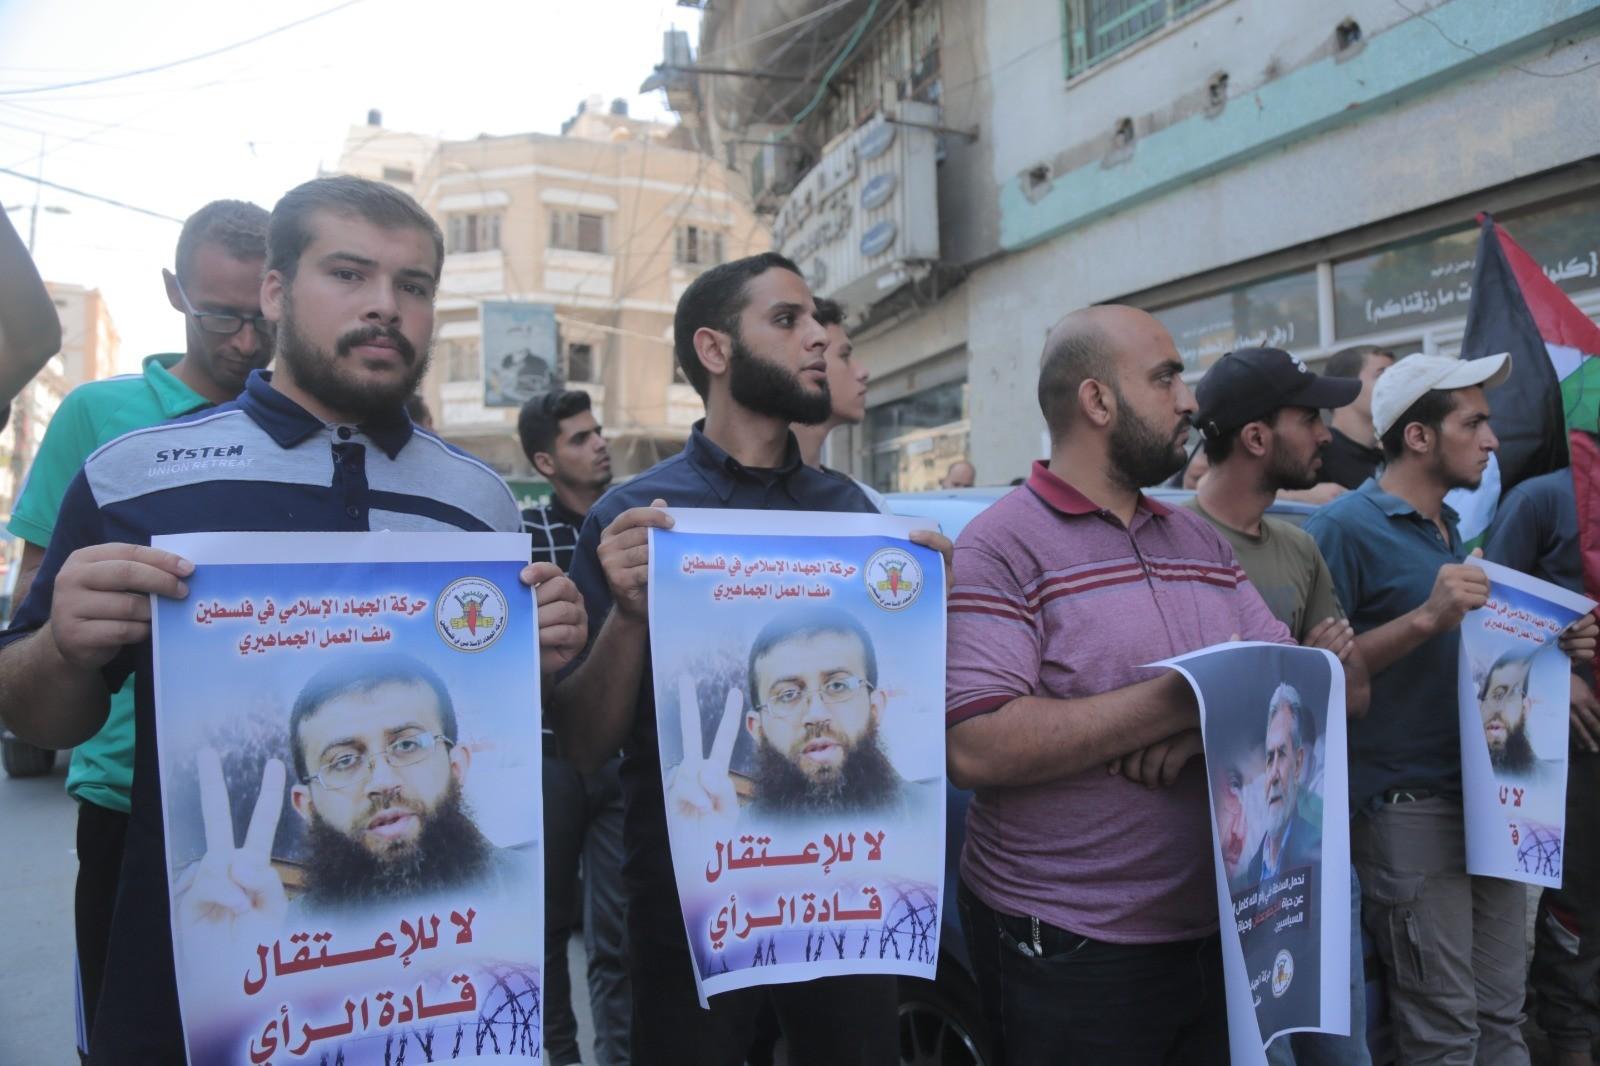 """وقفة احتجاجية في غزّة تنديدًا باعتقال الأجهزة الأمنية في الضفة لـ""""قادة الرأي"""""""